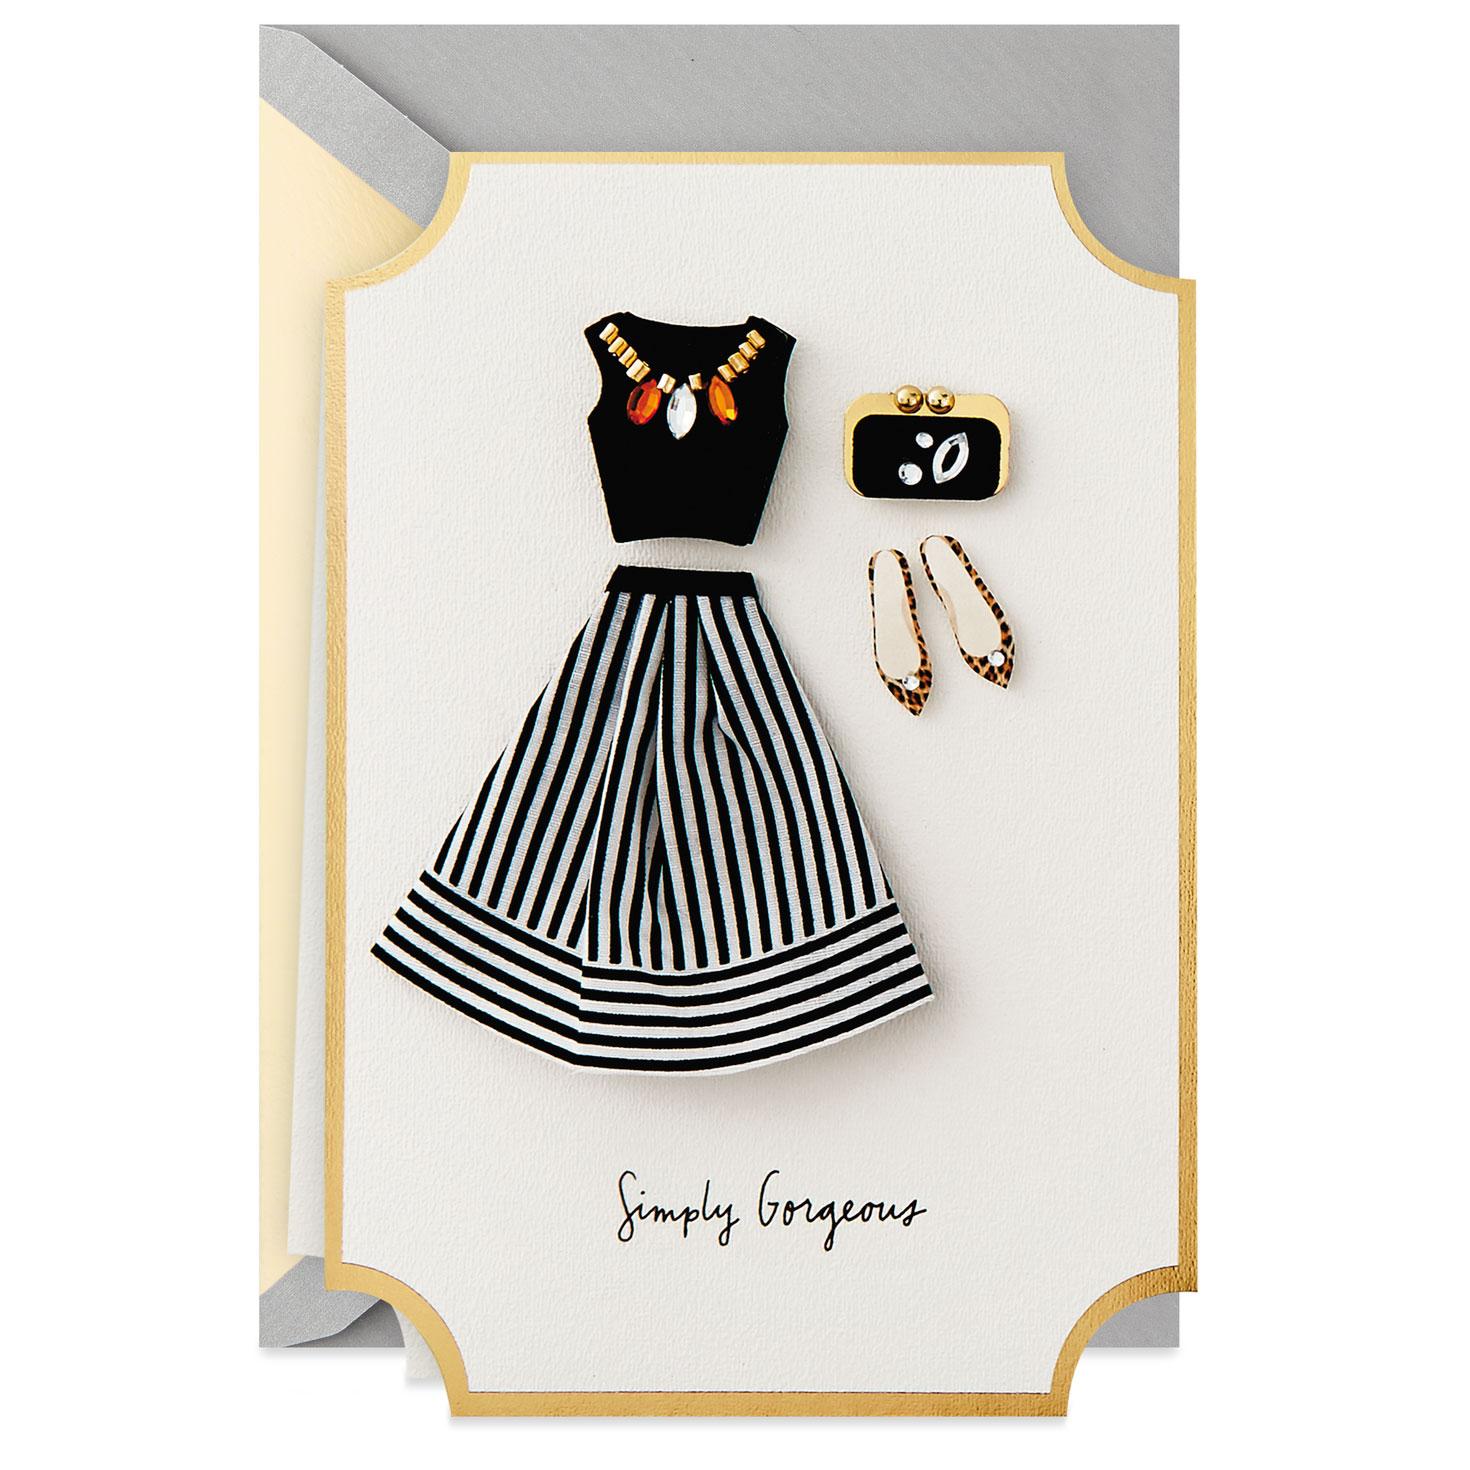 a43ec2f17fd3f6 Simply Gorgeous Birthday Card - Greeting Cards - Hallmark